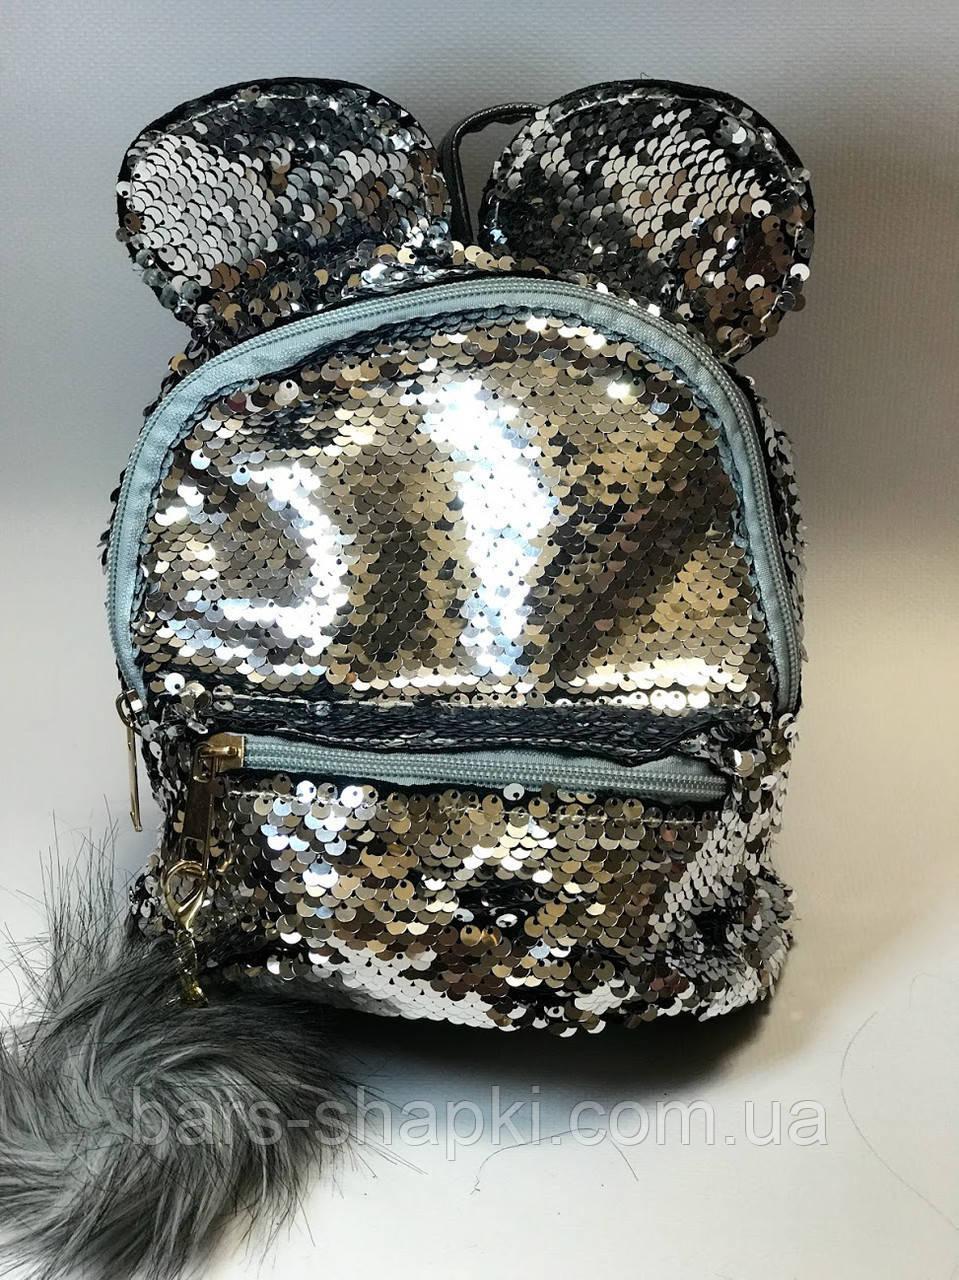 Детский рюкзак с Ушками, паетками, меховым брелком. Есть опт. Размер 22:20 см